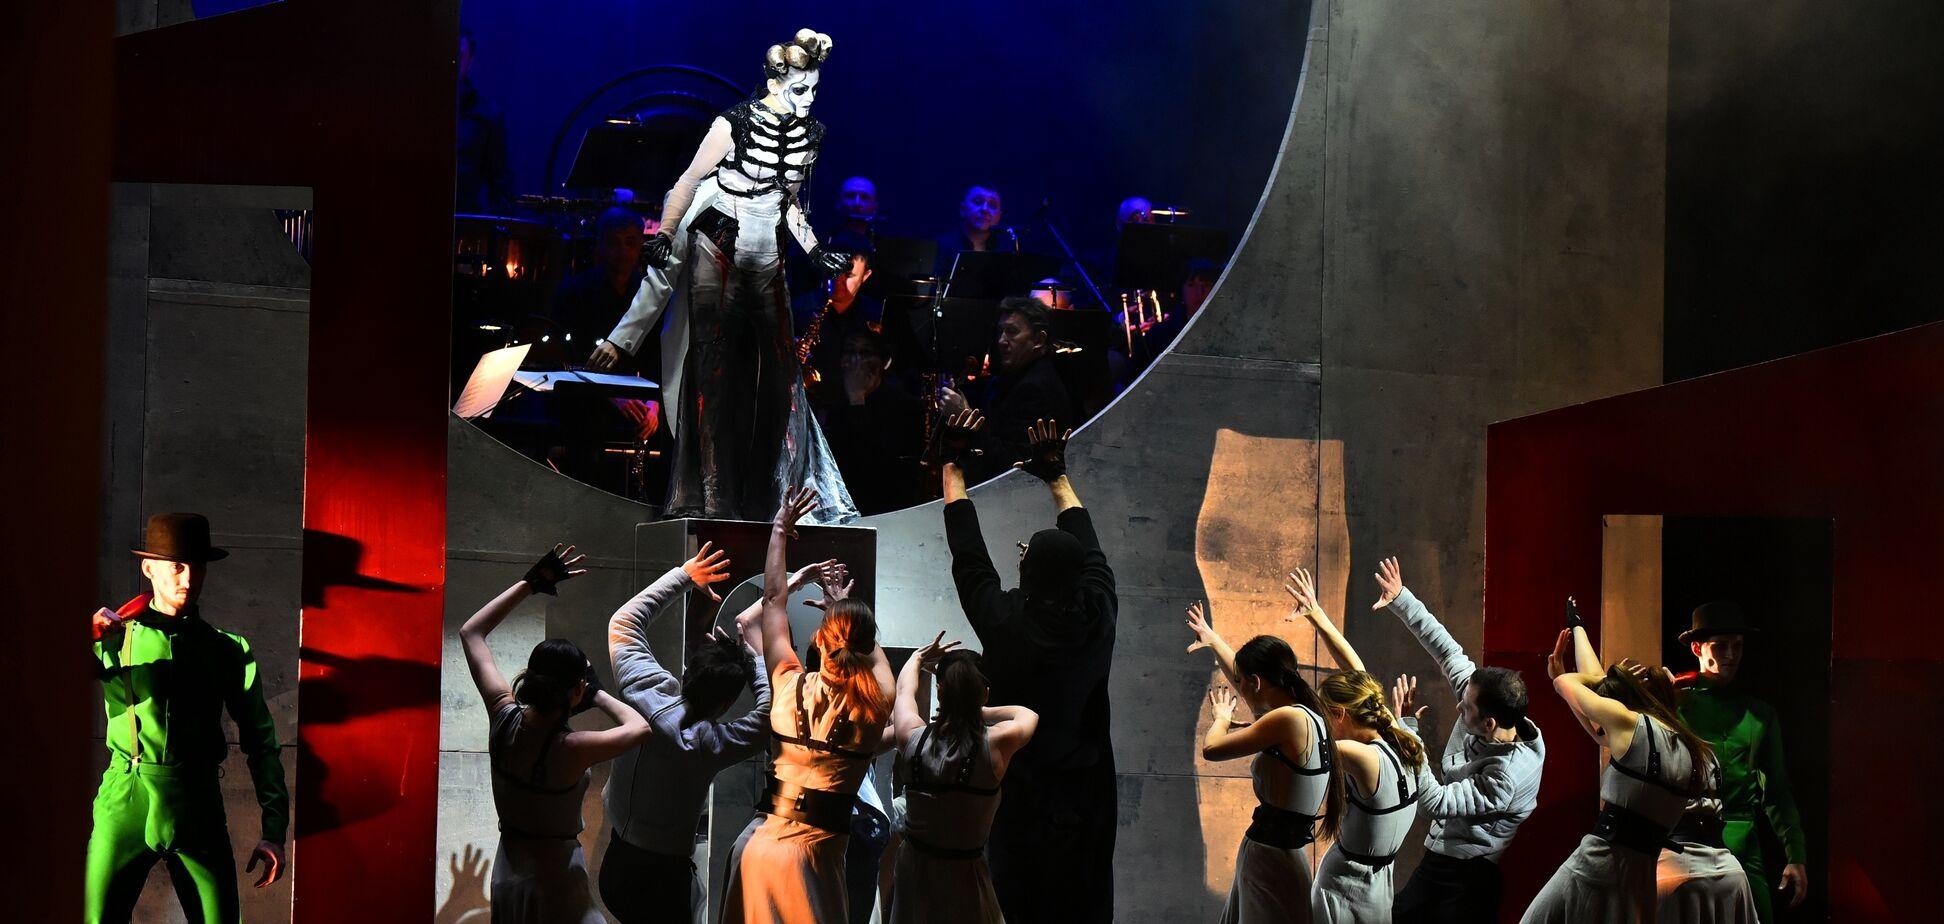 10 марта на сцене Национальной оперетты состоится легендарная рок-опера 'Белая ворона'